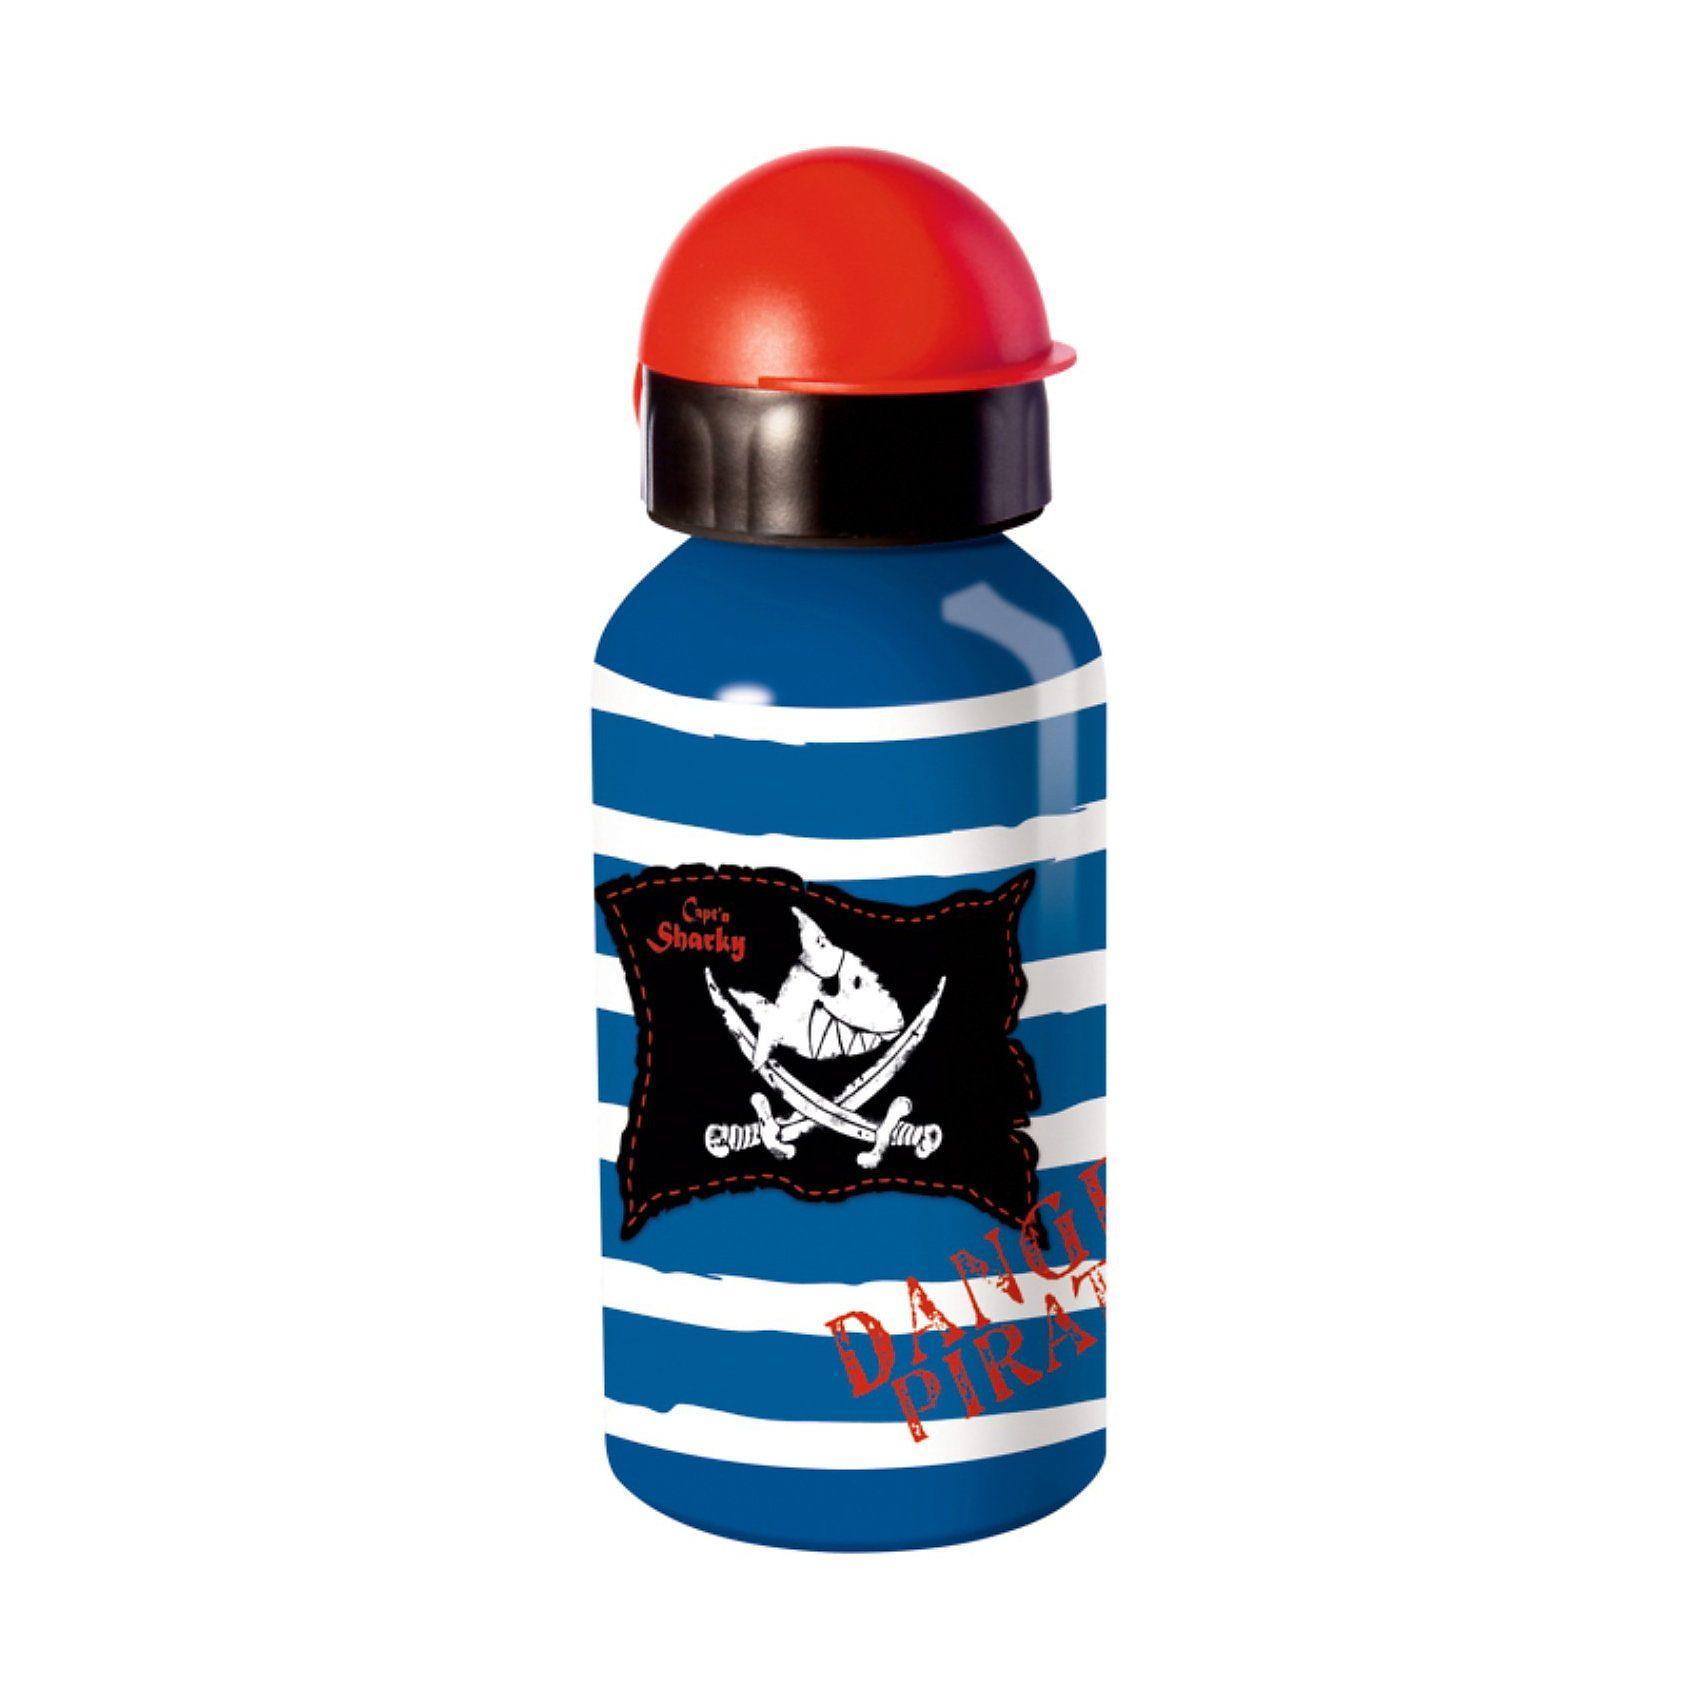 Spiegelburg Alu-Trinkflasche Capt'n Sharky (0,4 l)